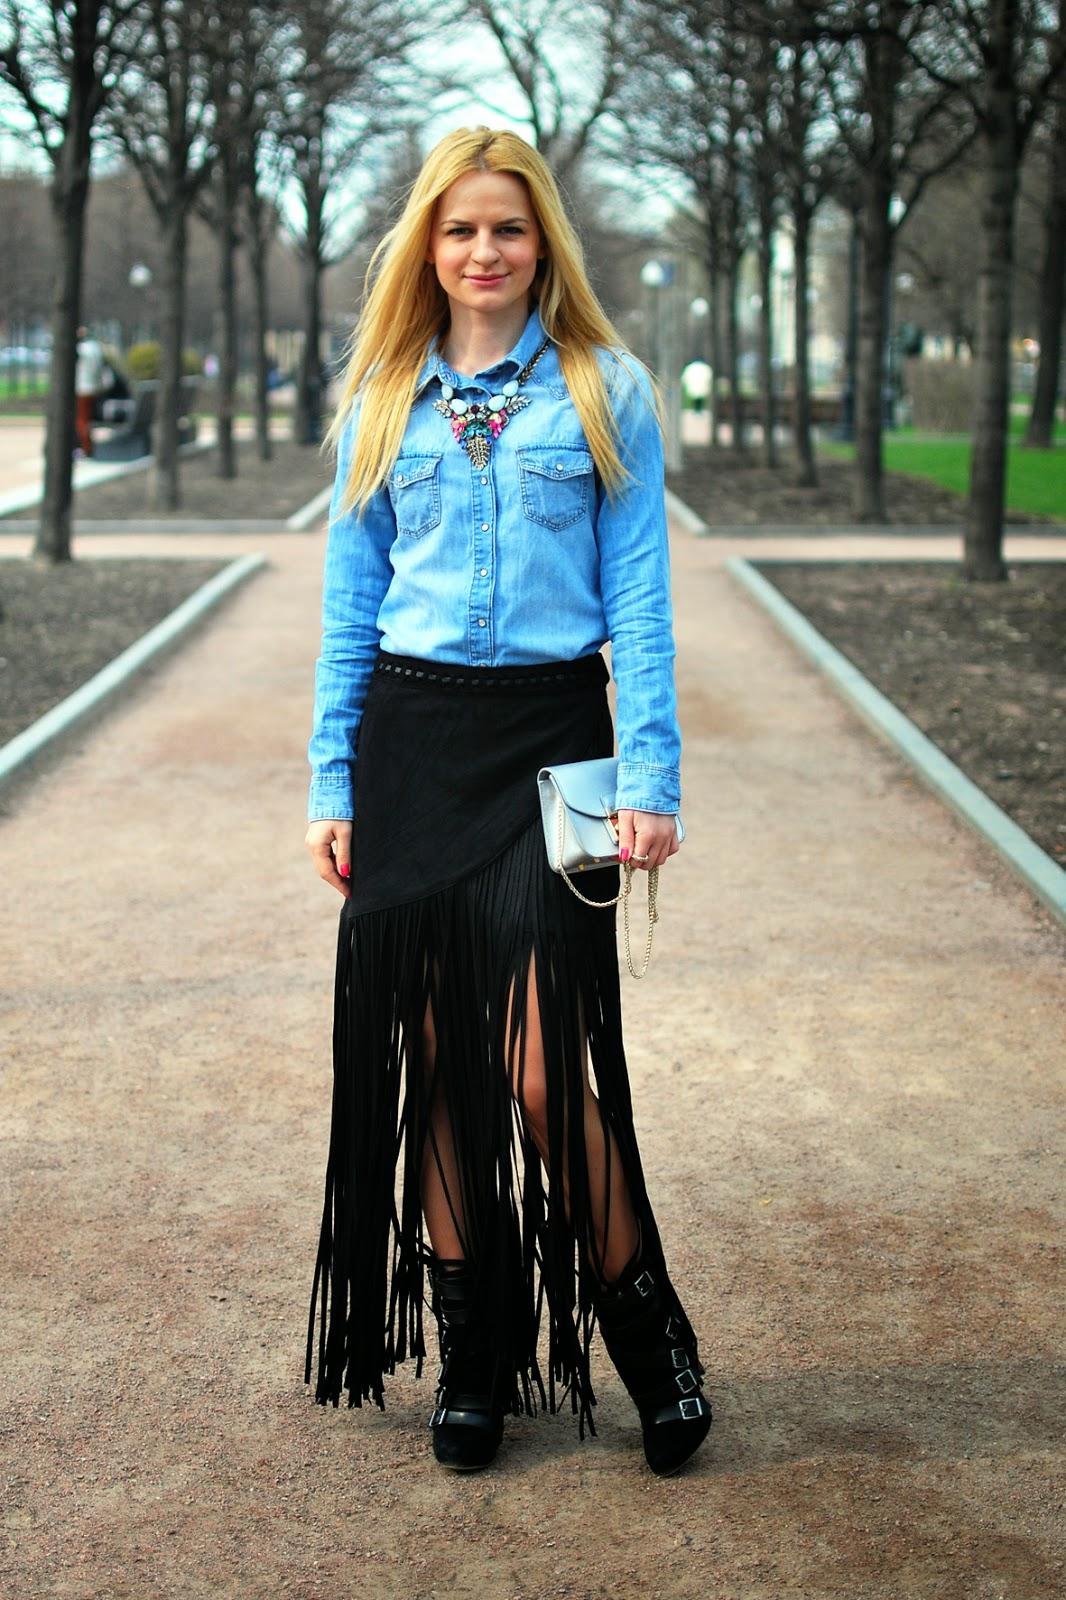 с чем носить джинсовую рубашку, с чем носить бахрому, тренд бахрома,уличная мода